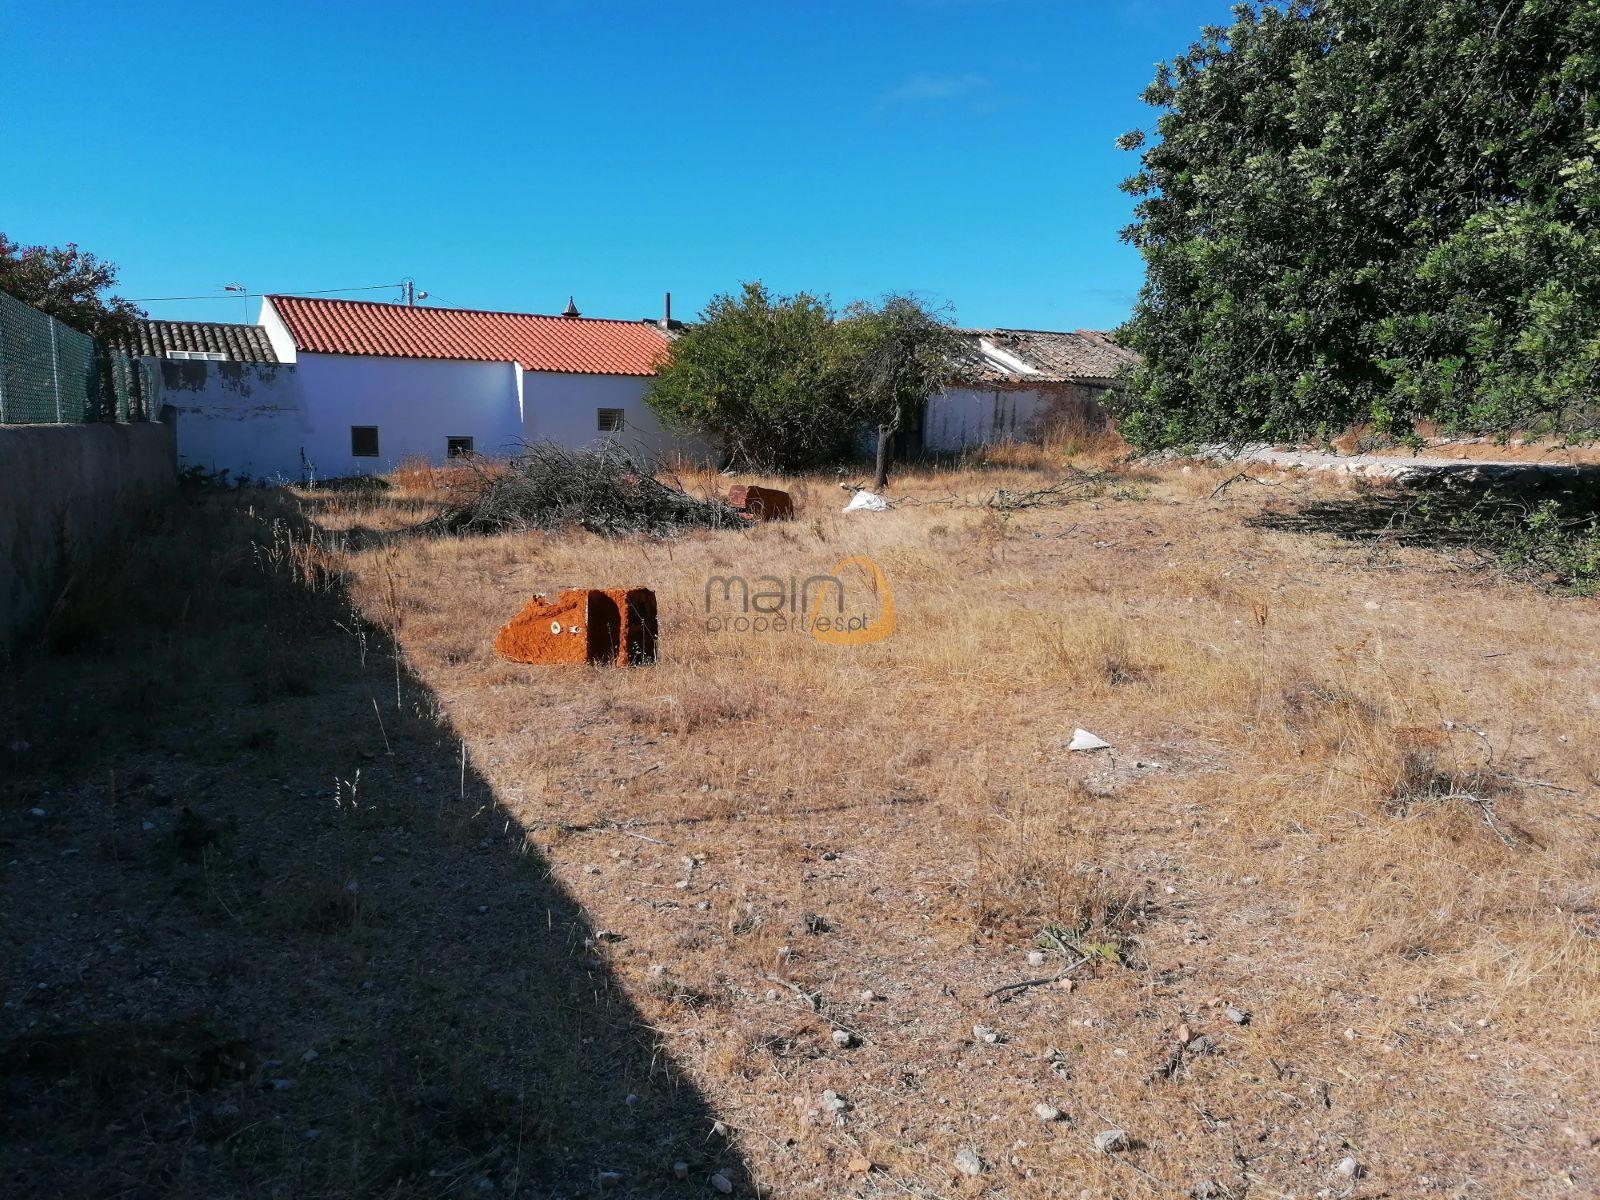 Terreno com projeto aprovado para construção de moradia em Boliqueime.